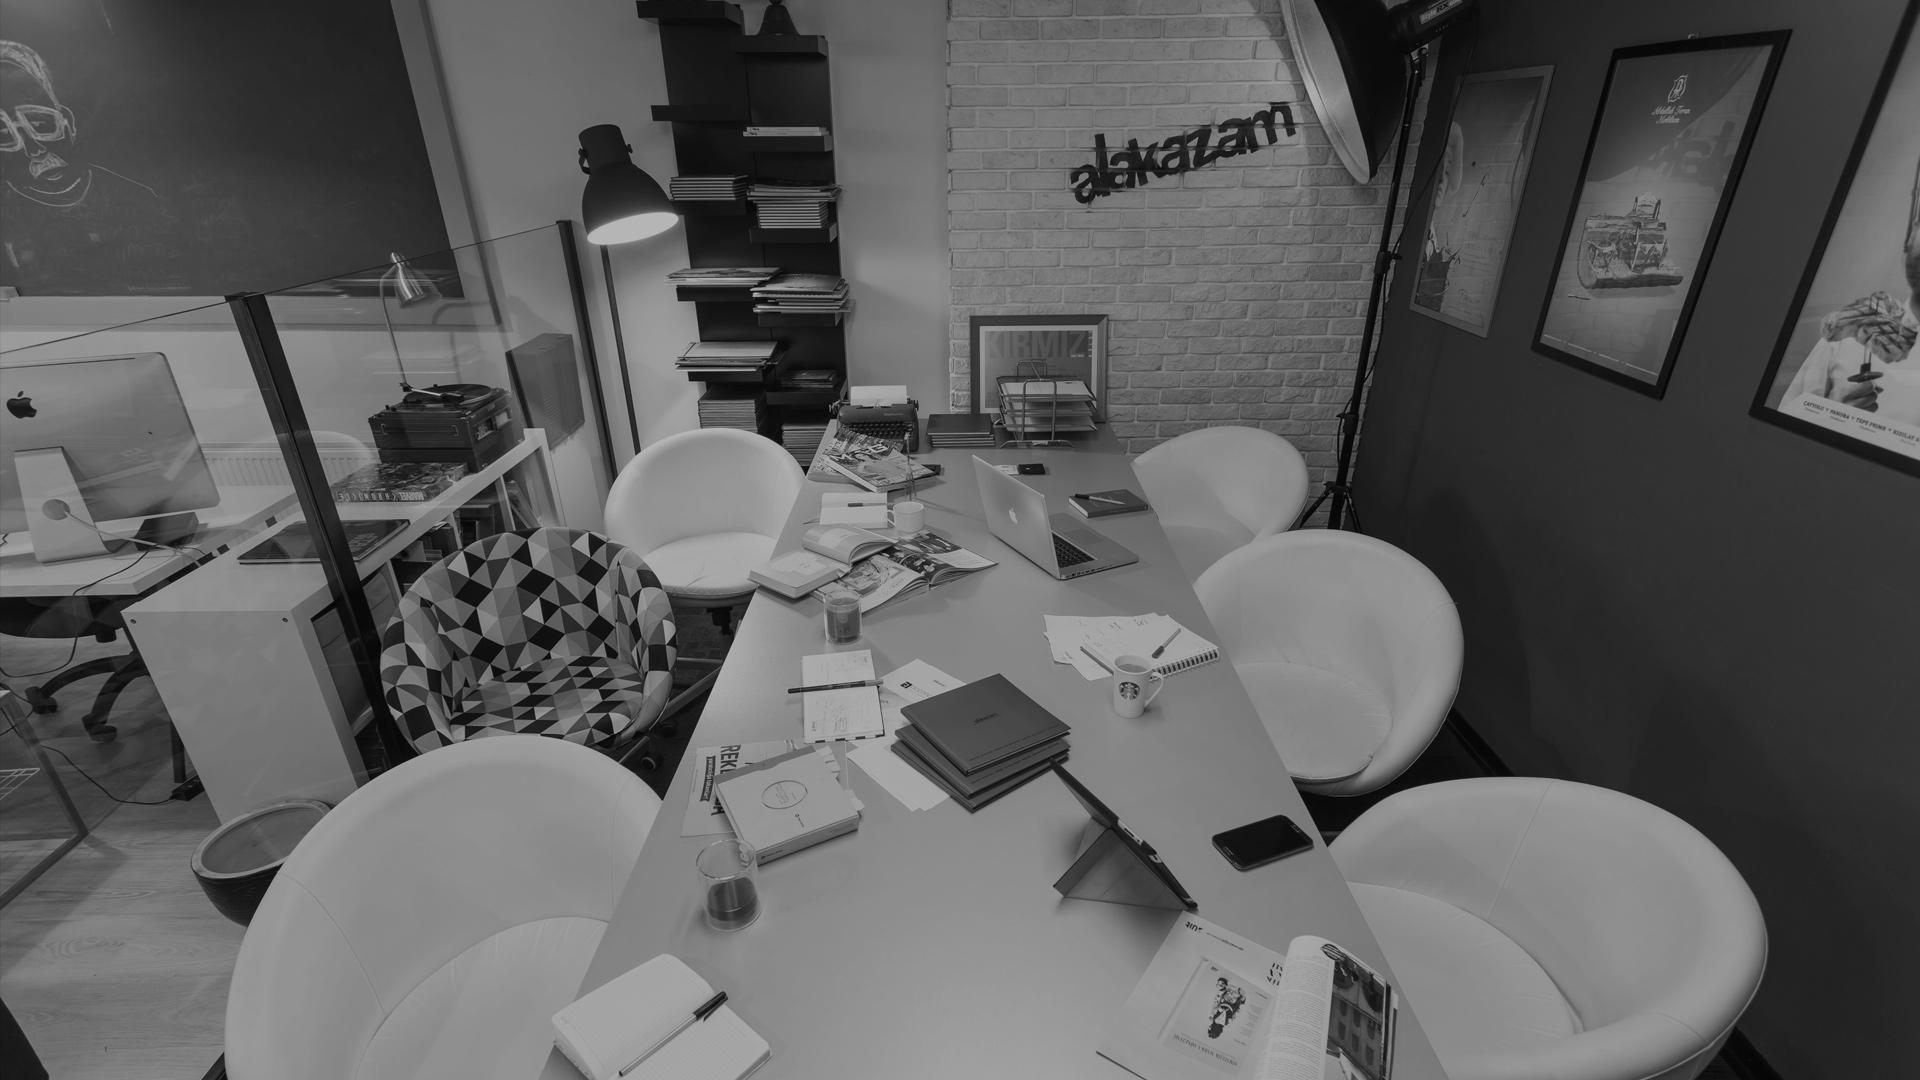 alakazam reklam ve tasarım dükkanı